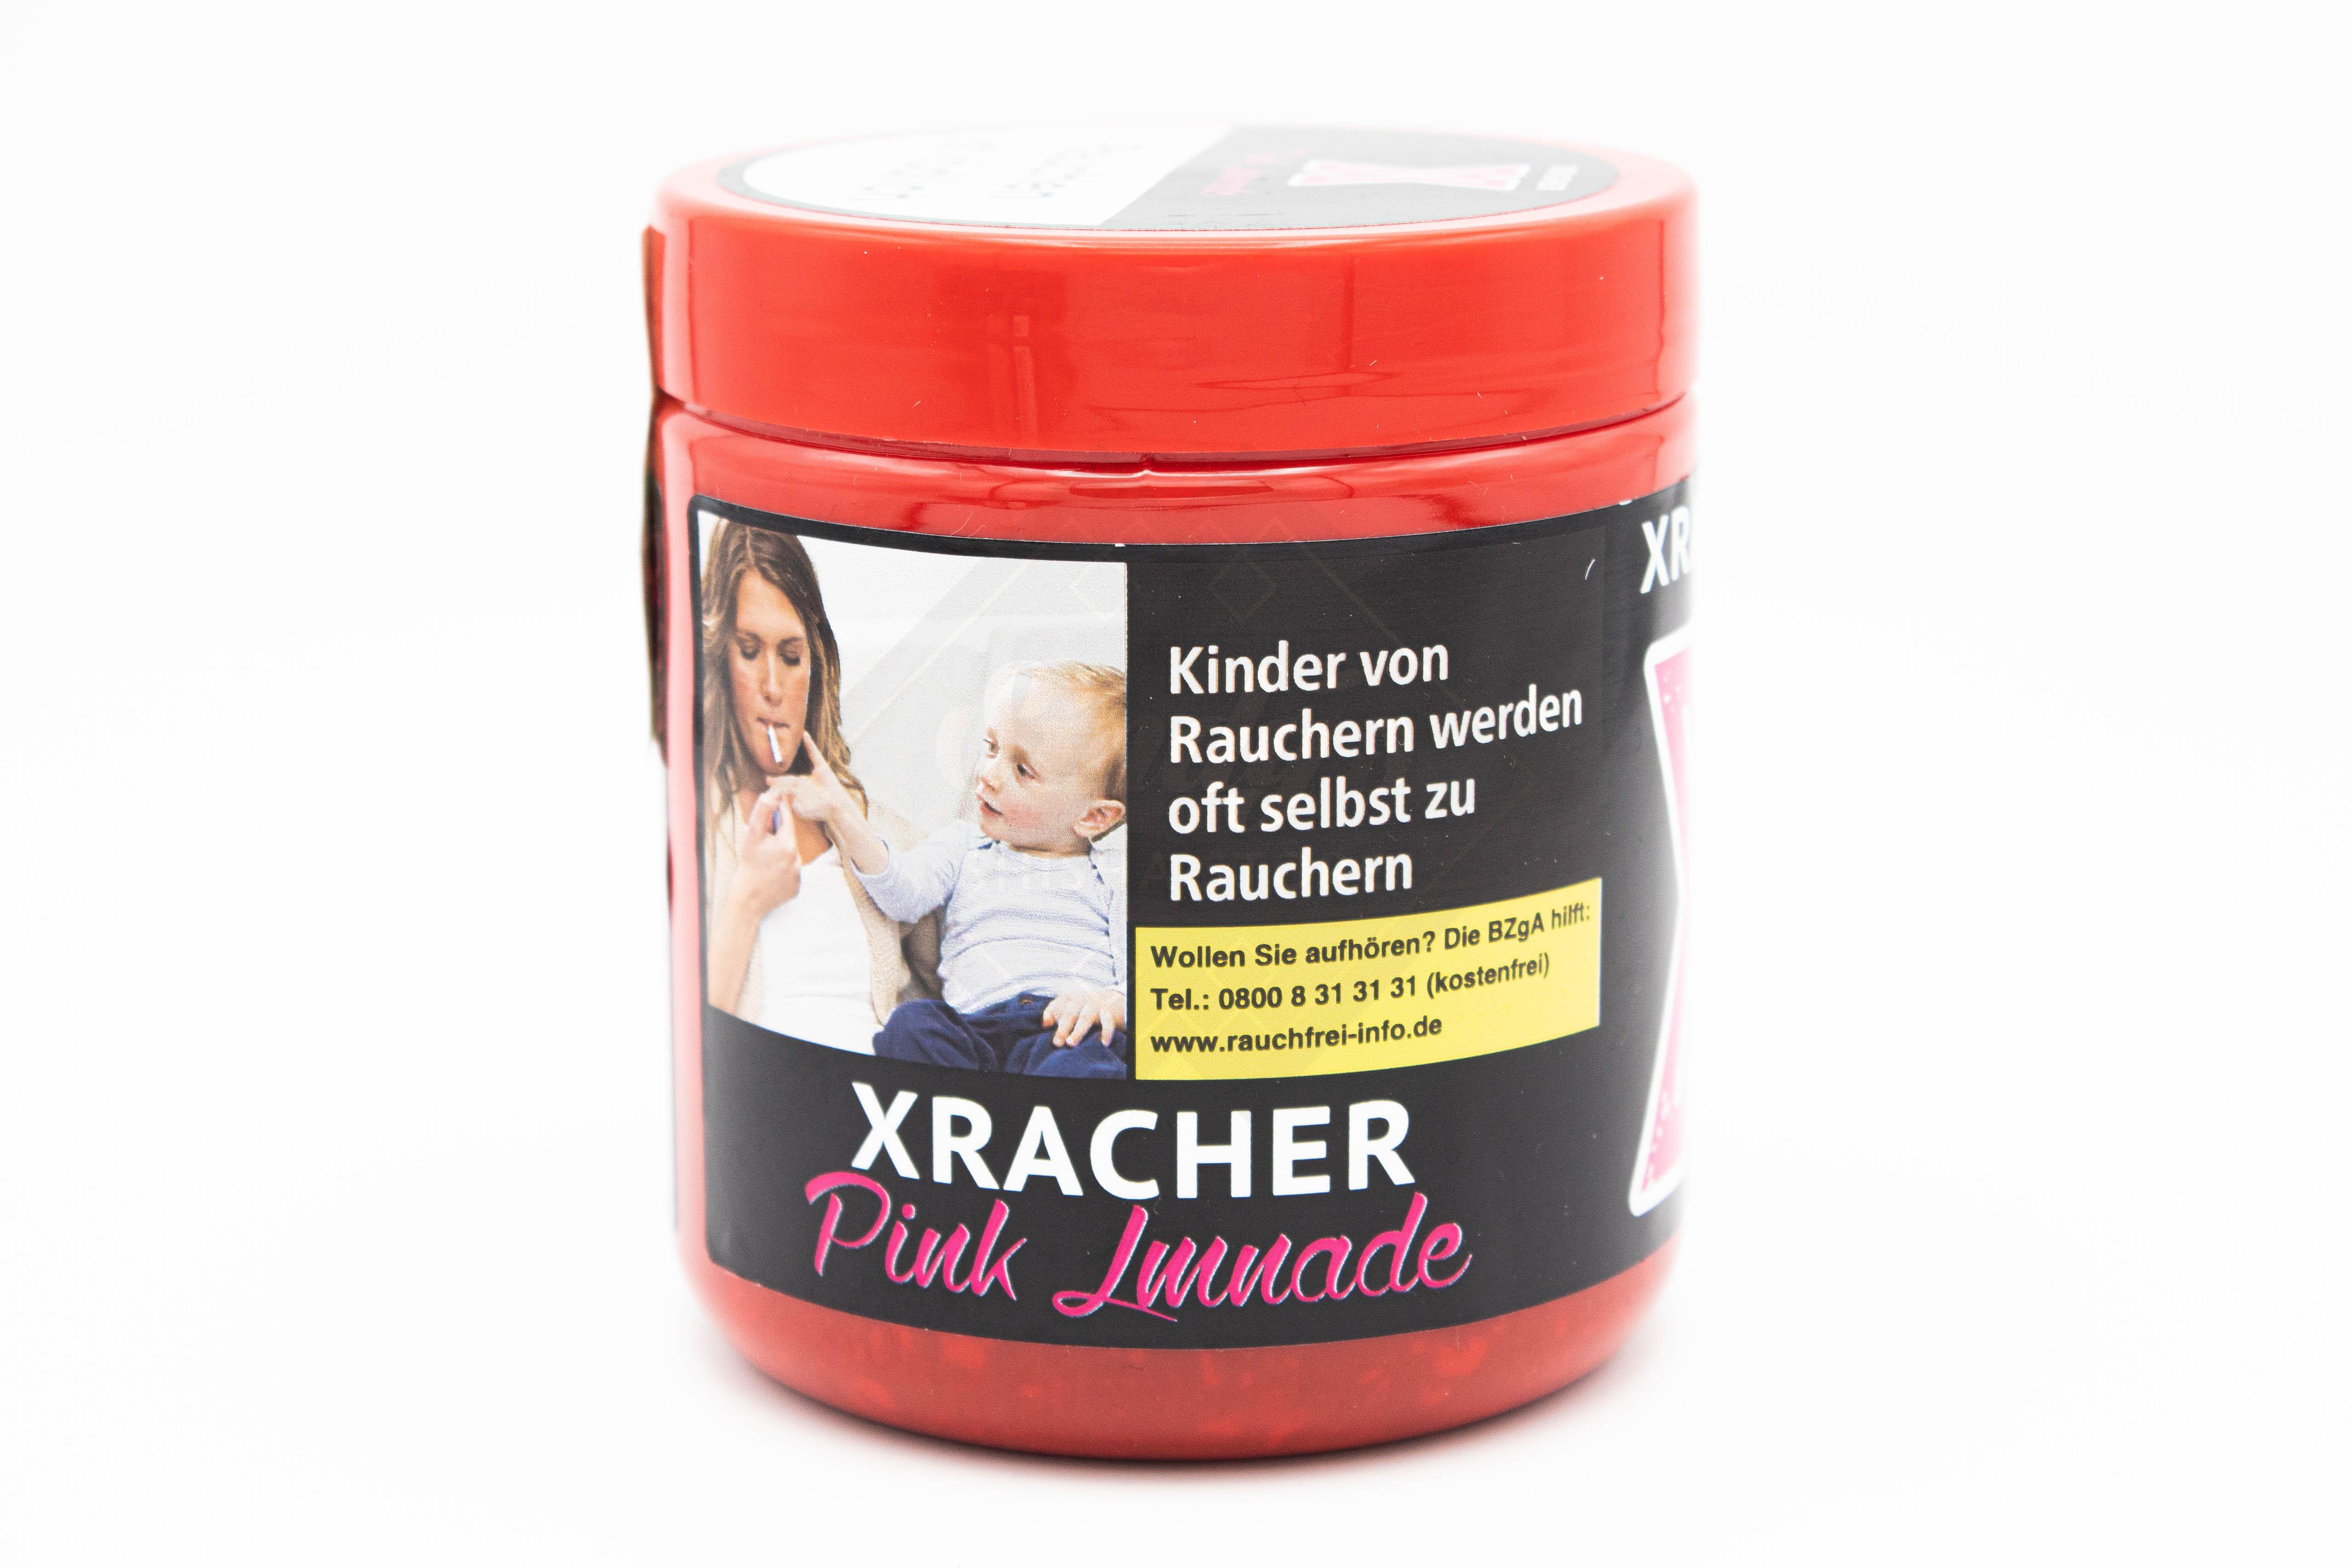 Xracher Tobacco - Pink Lmnade 200g